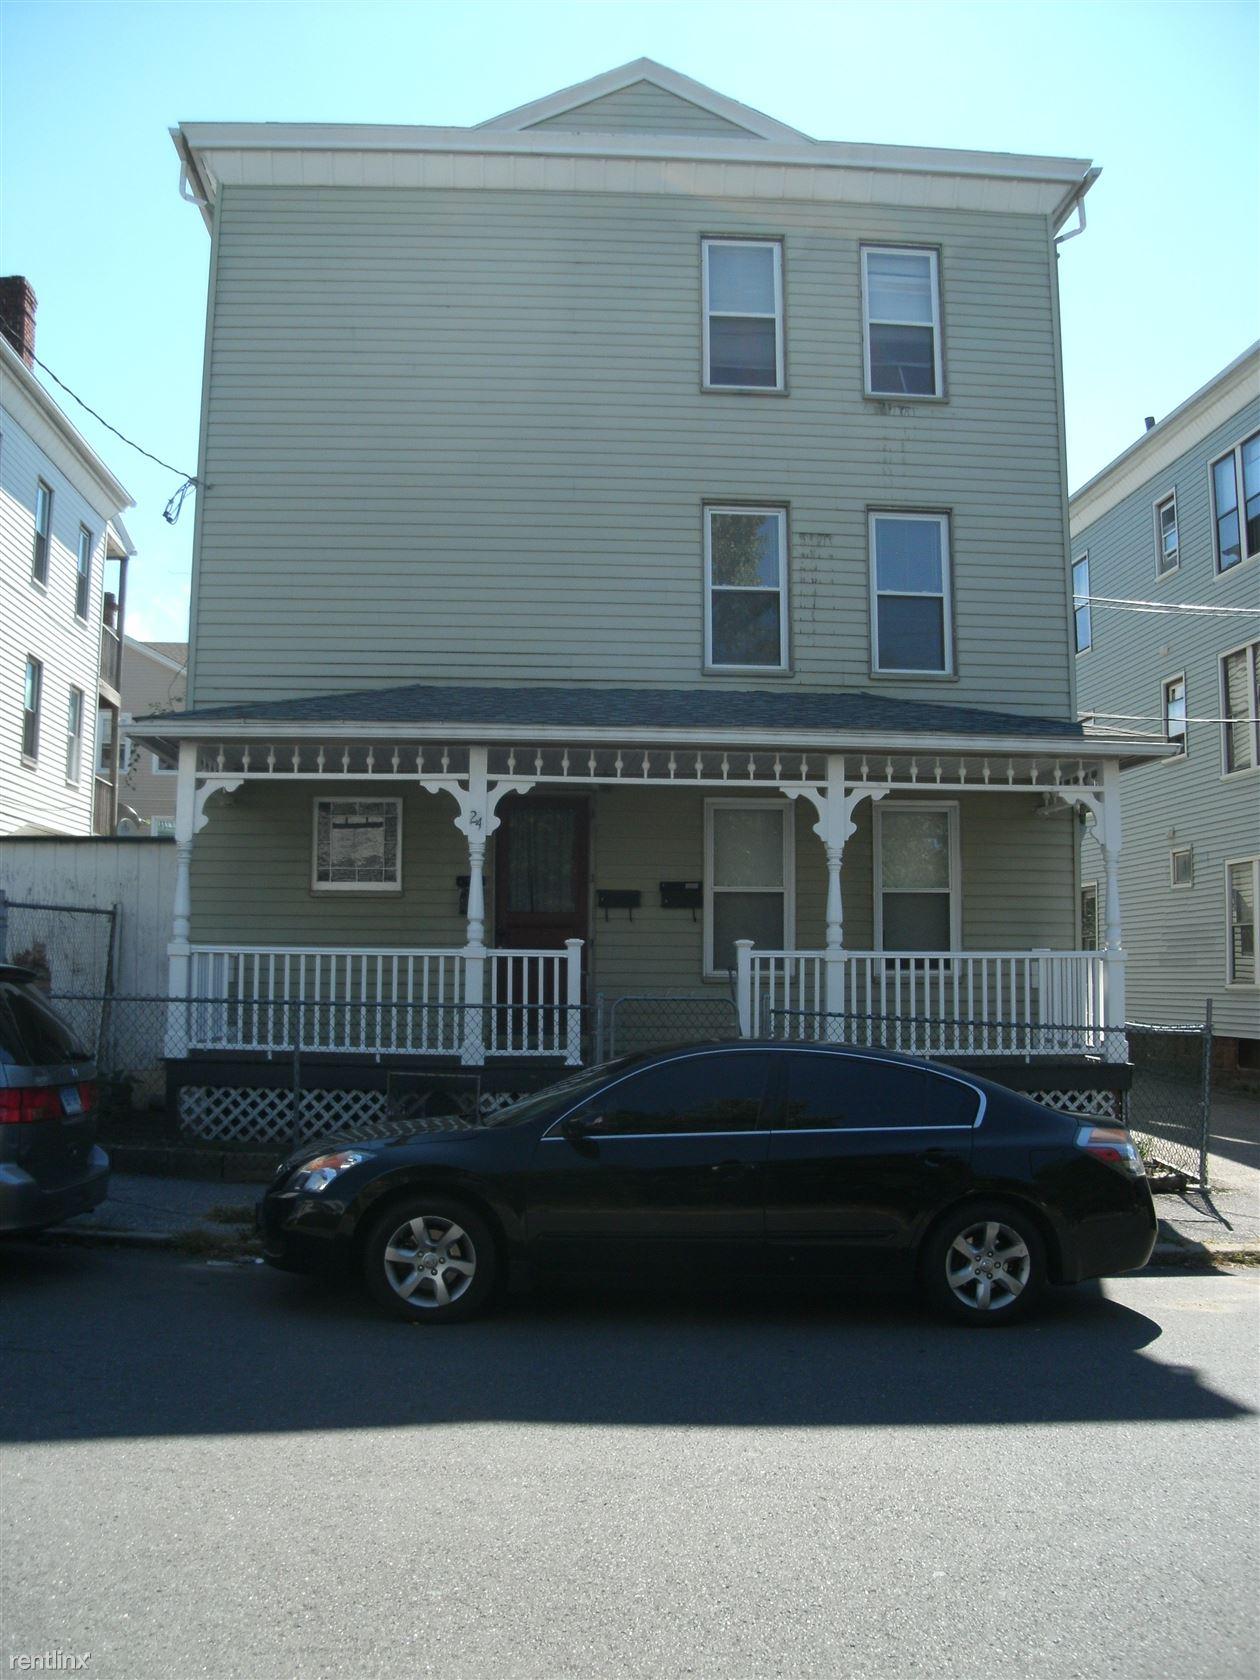 24 Luke street, Waterbury, CT - $950